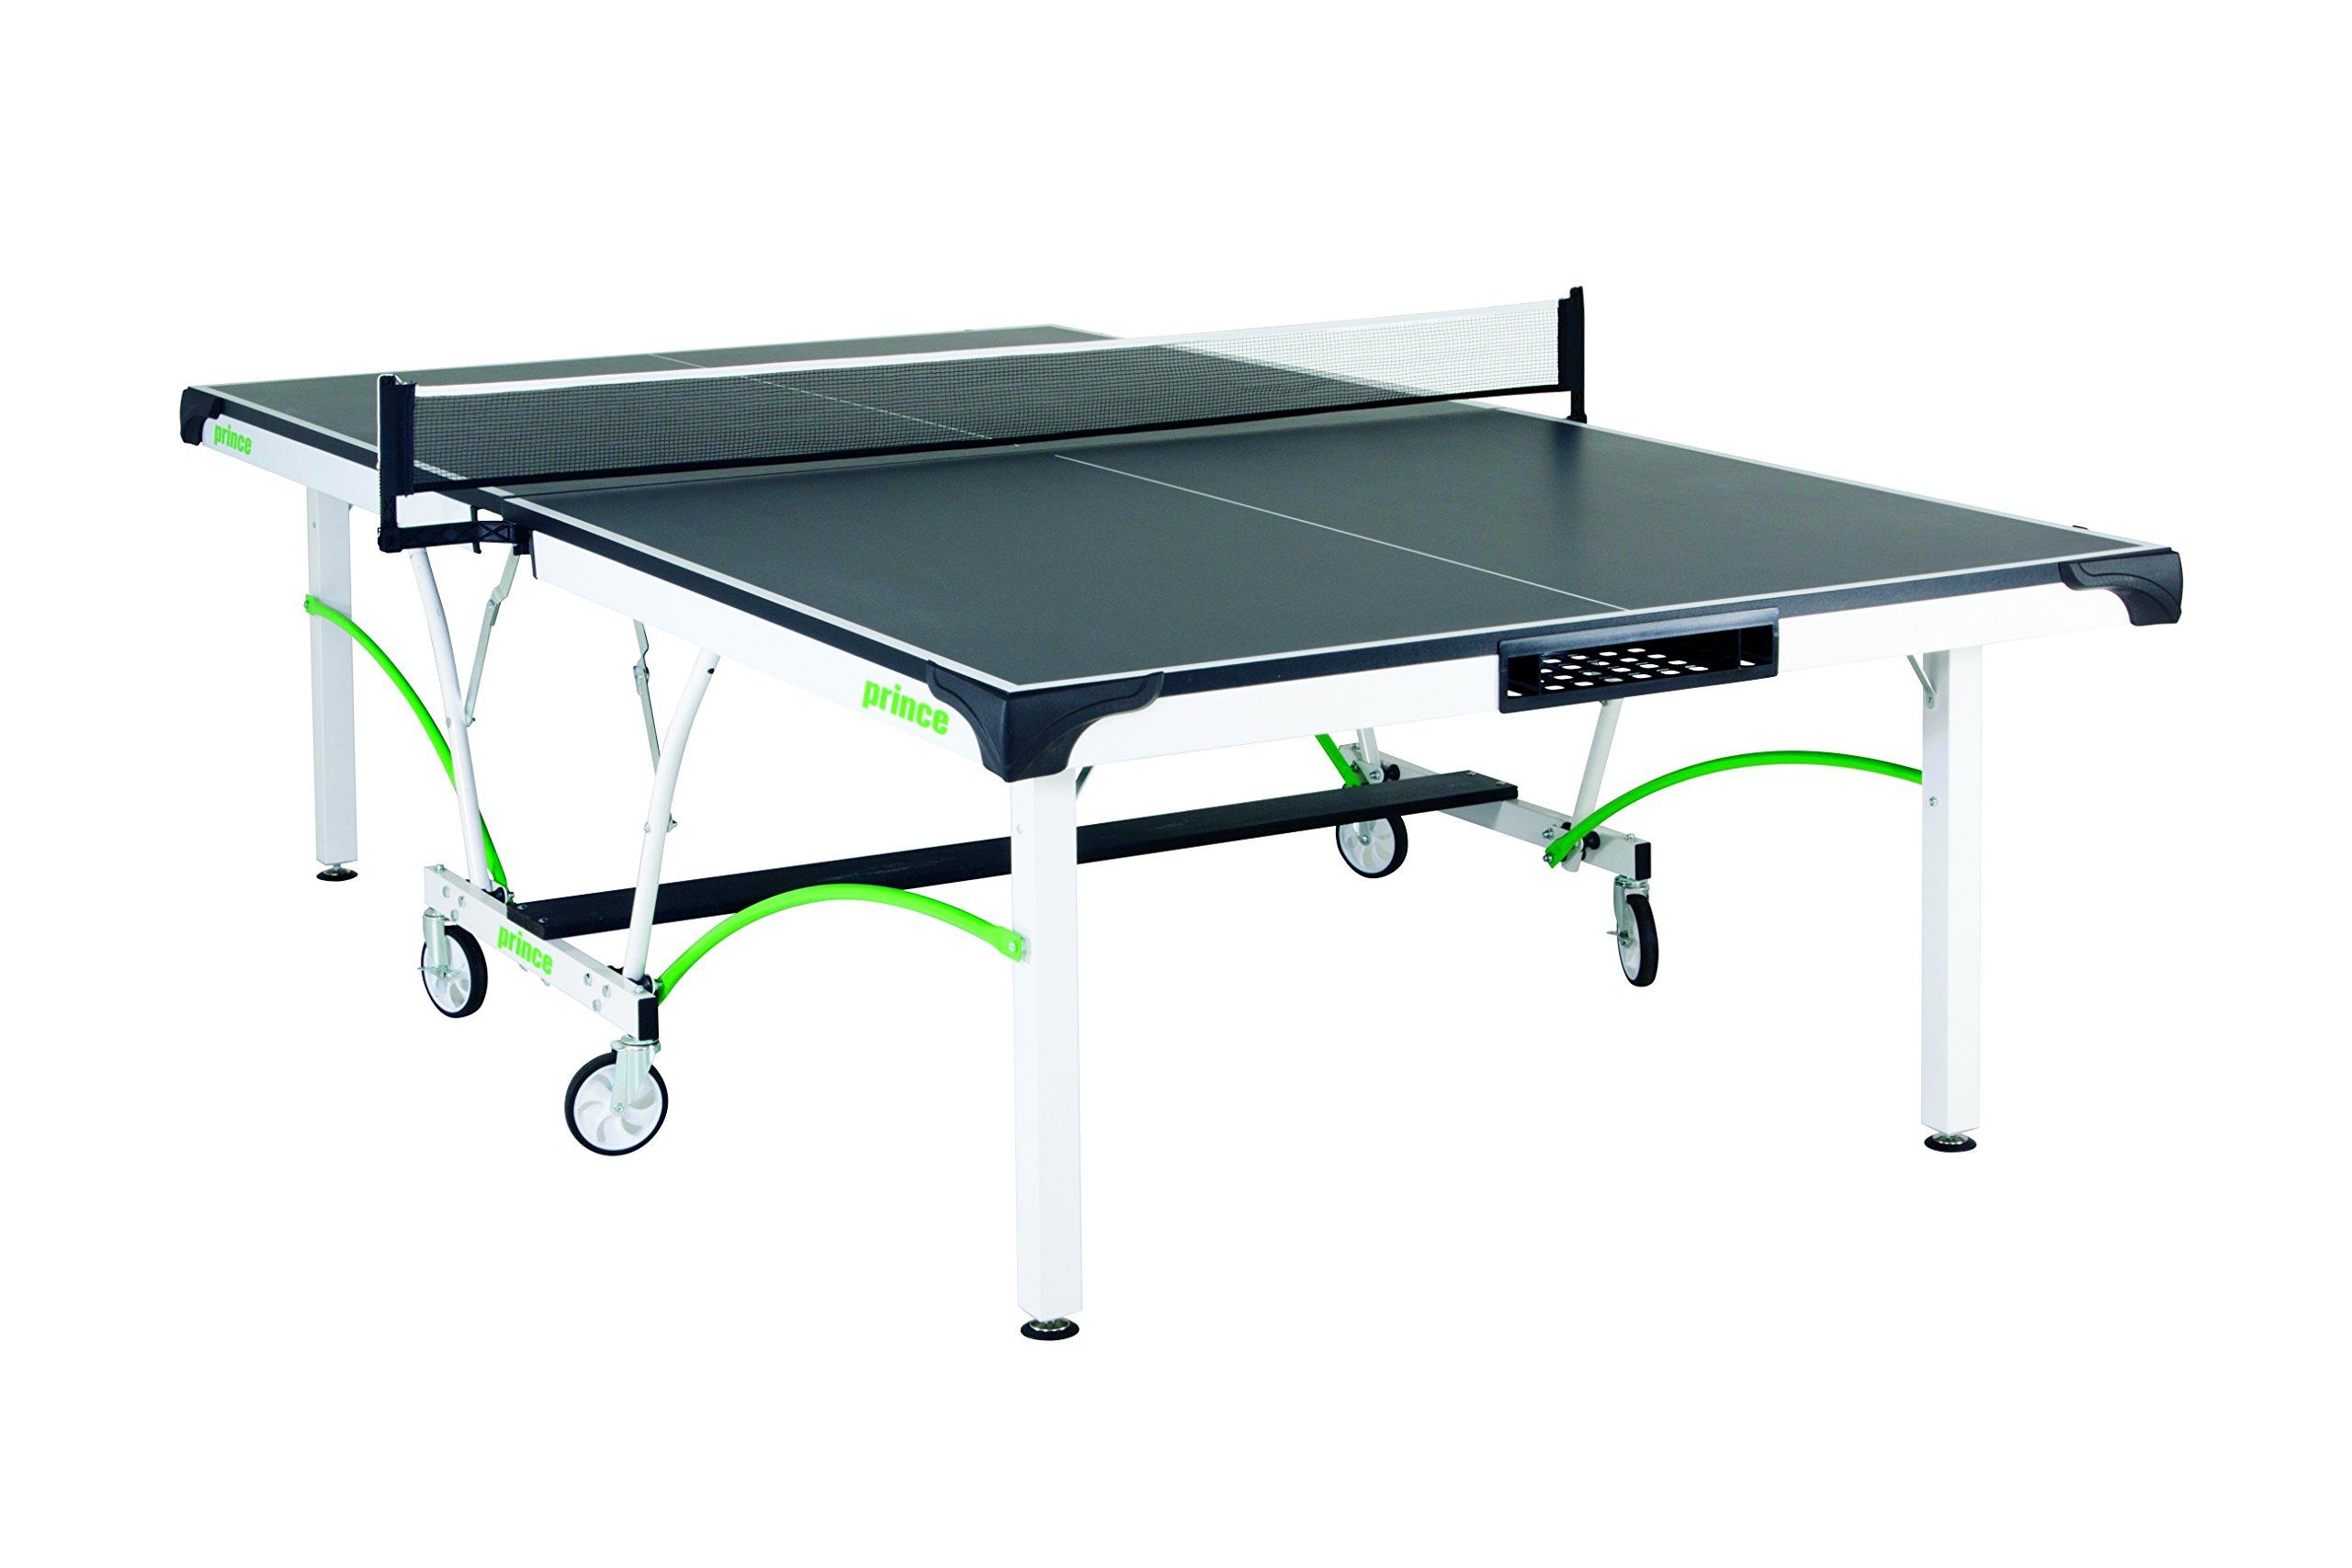 Prince Evolution Table Tennis Table